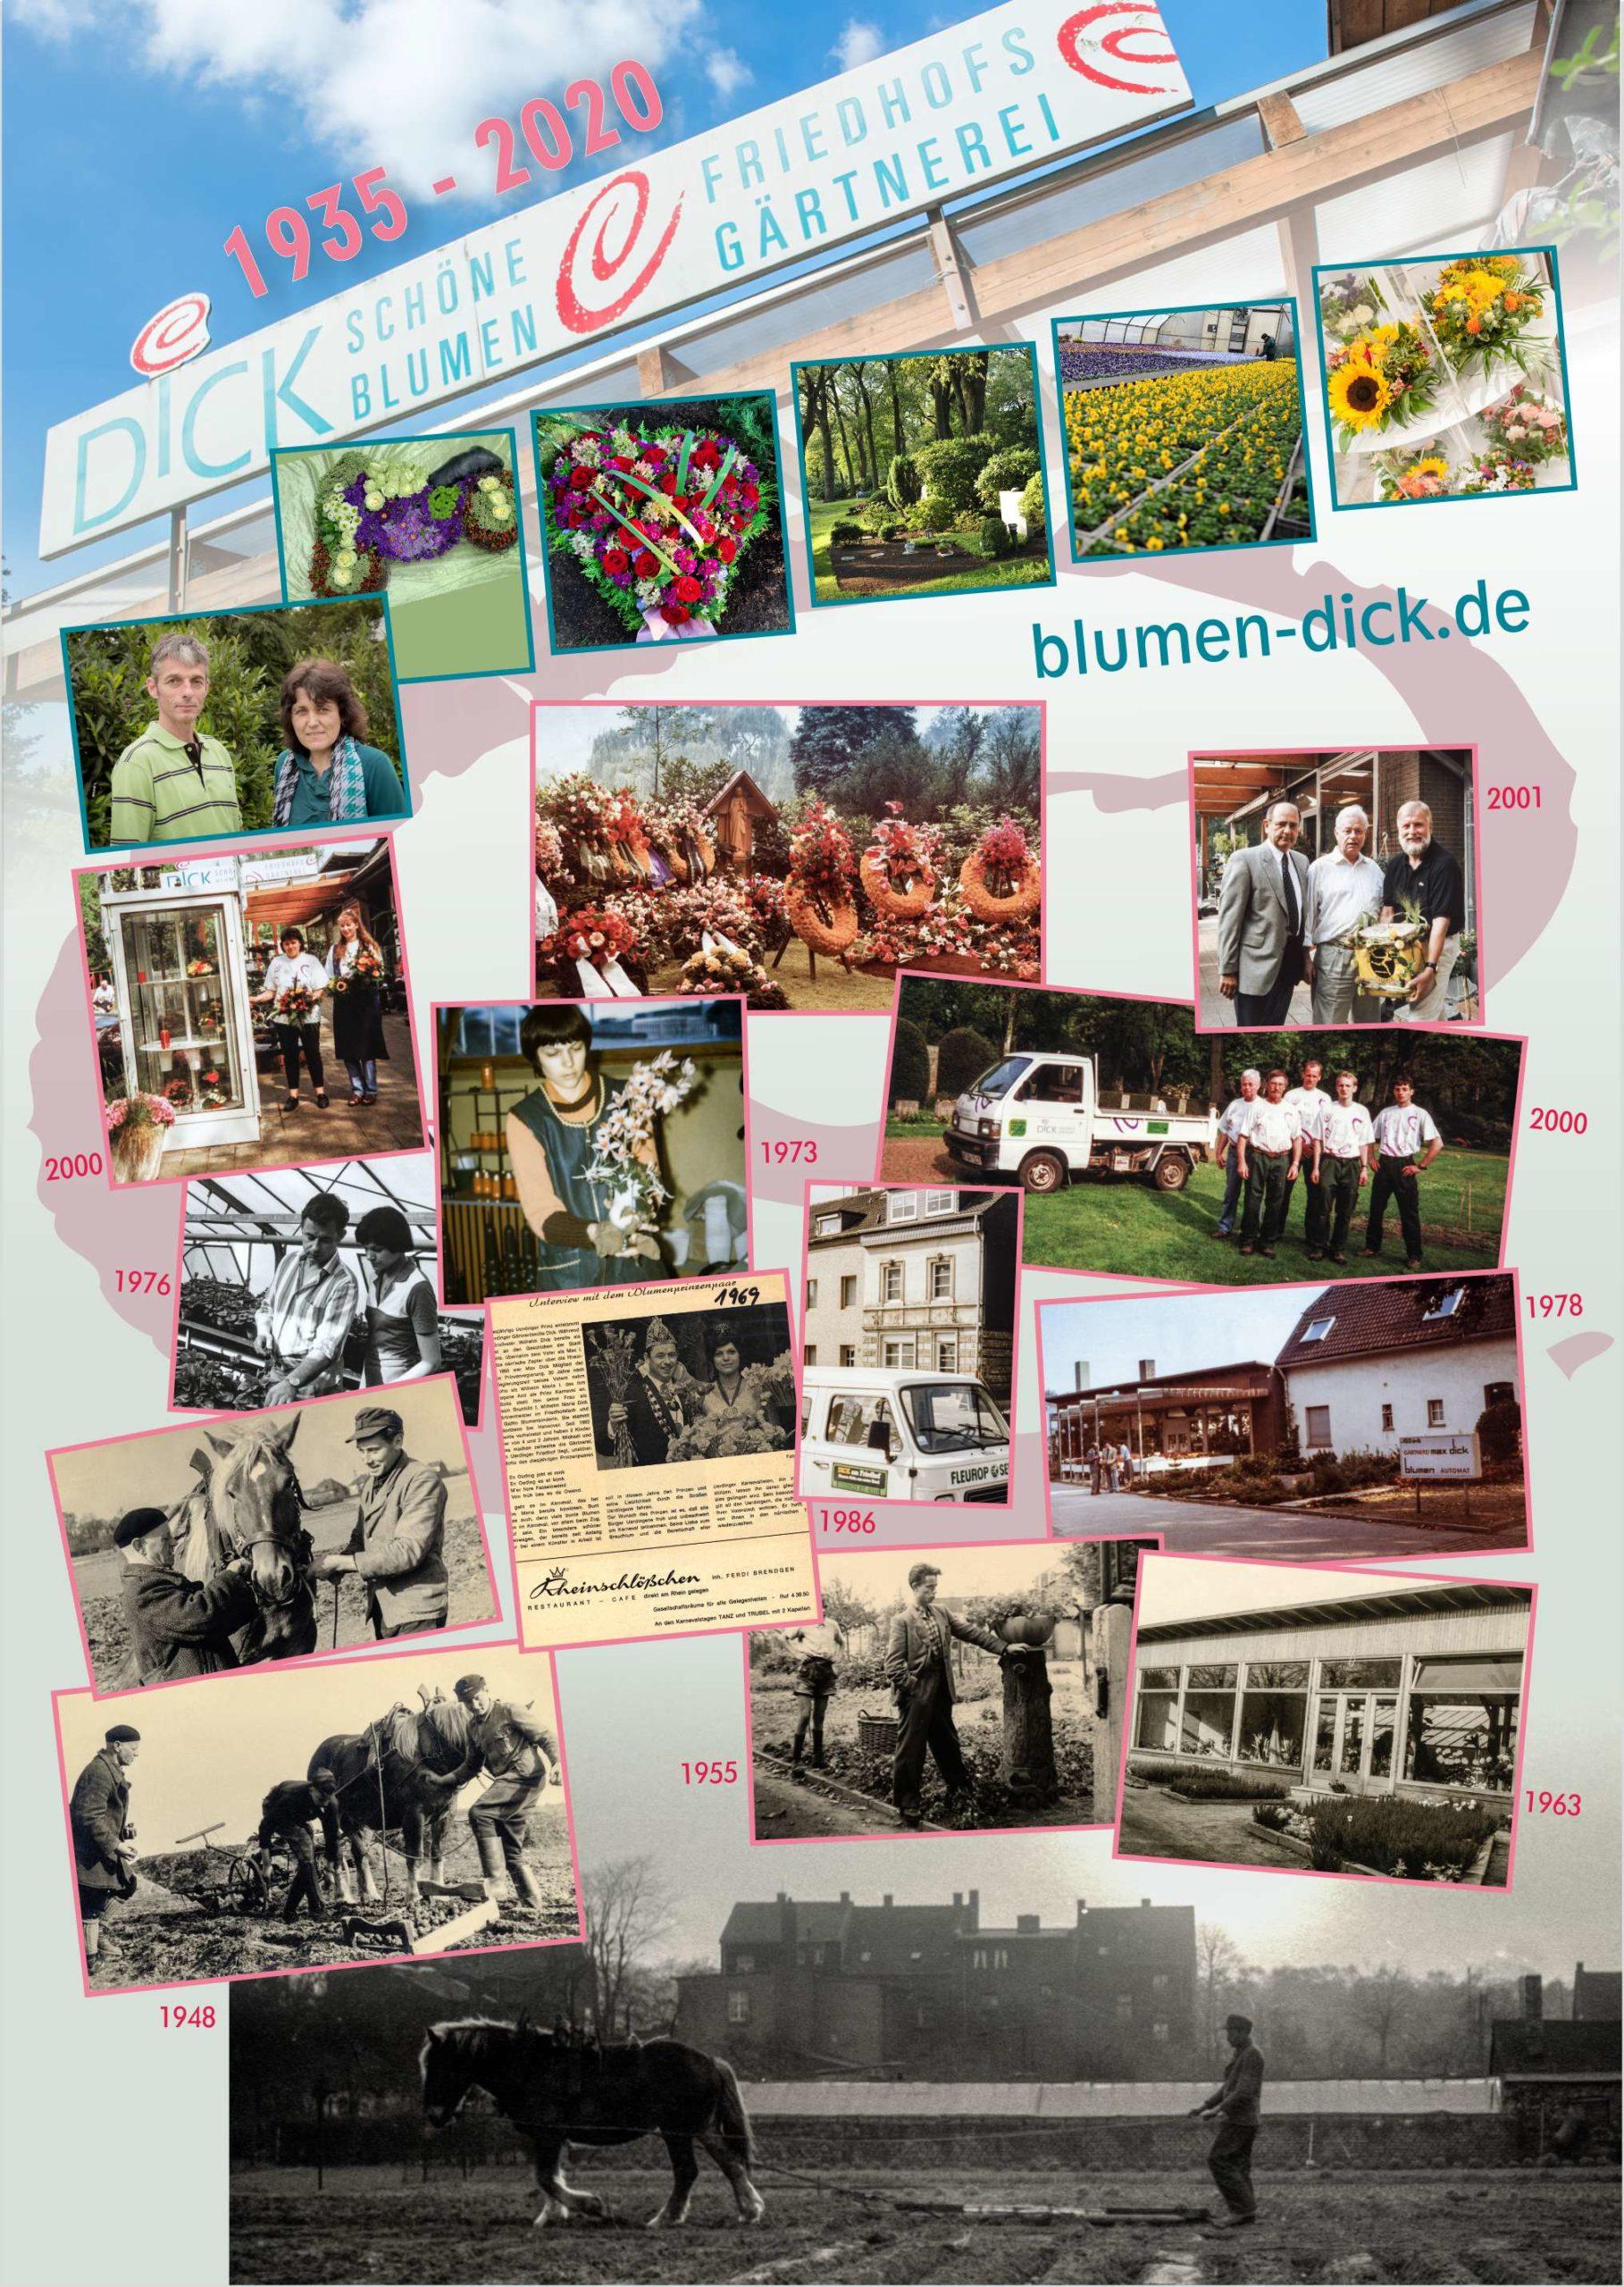 85 Jahre jung: Seit 1935 sind Gärtnerei und Blumengeschäft am Uerdinger Friedhof angesiedelt.